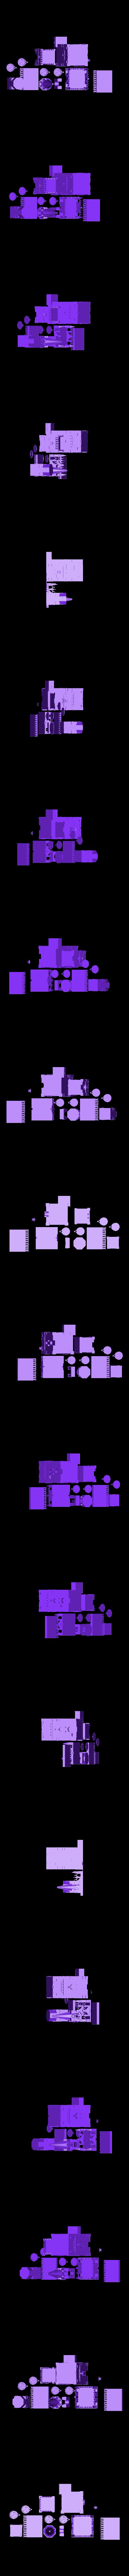 AllReadyToPrint_20_Scale.stl Télécharger fichier STL gratuit Tour Spasskaya du Kremlin sur la Place Rouge • Modèle à imprimer en 3D, EliGreen